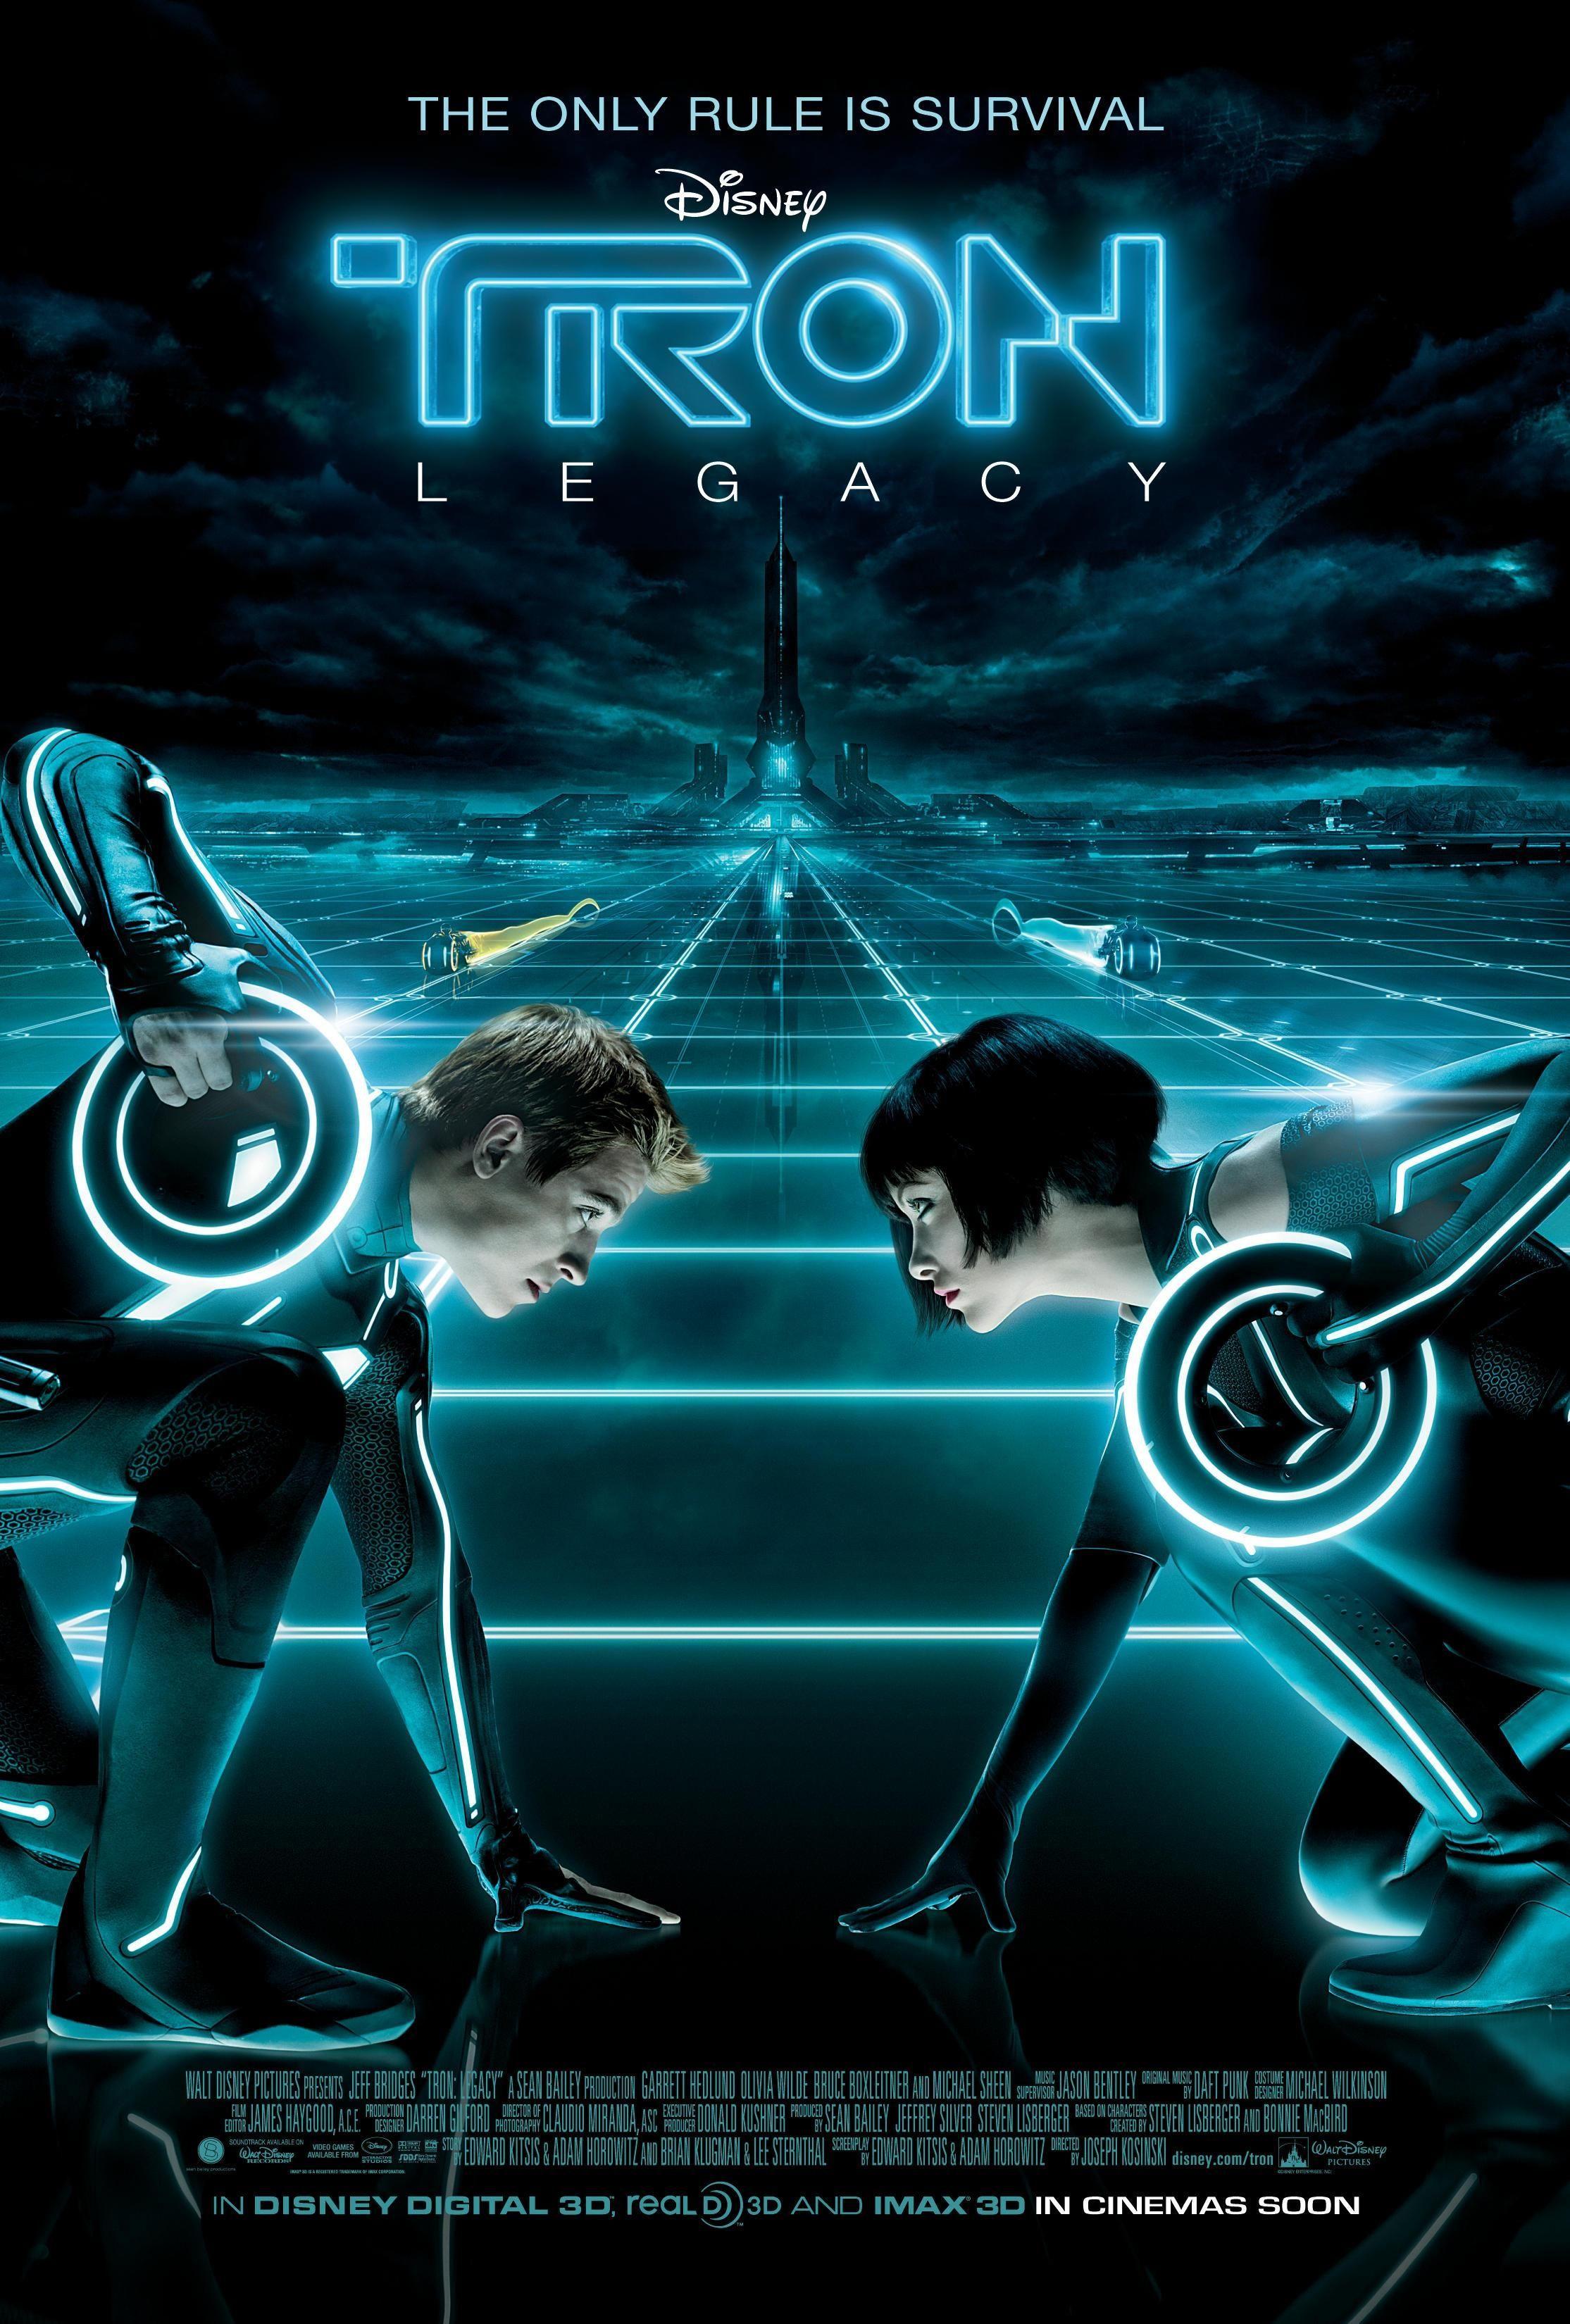 創:光速戰記 tron: legacy 3d,2010   電影 movie   pinterest   movie